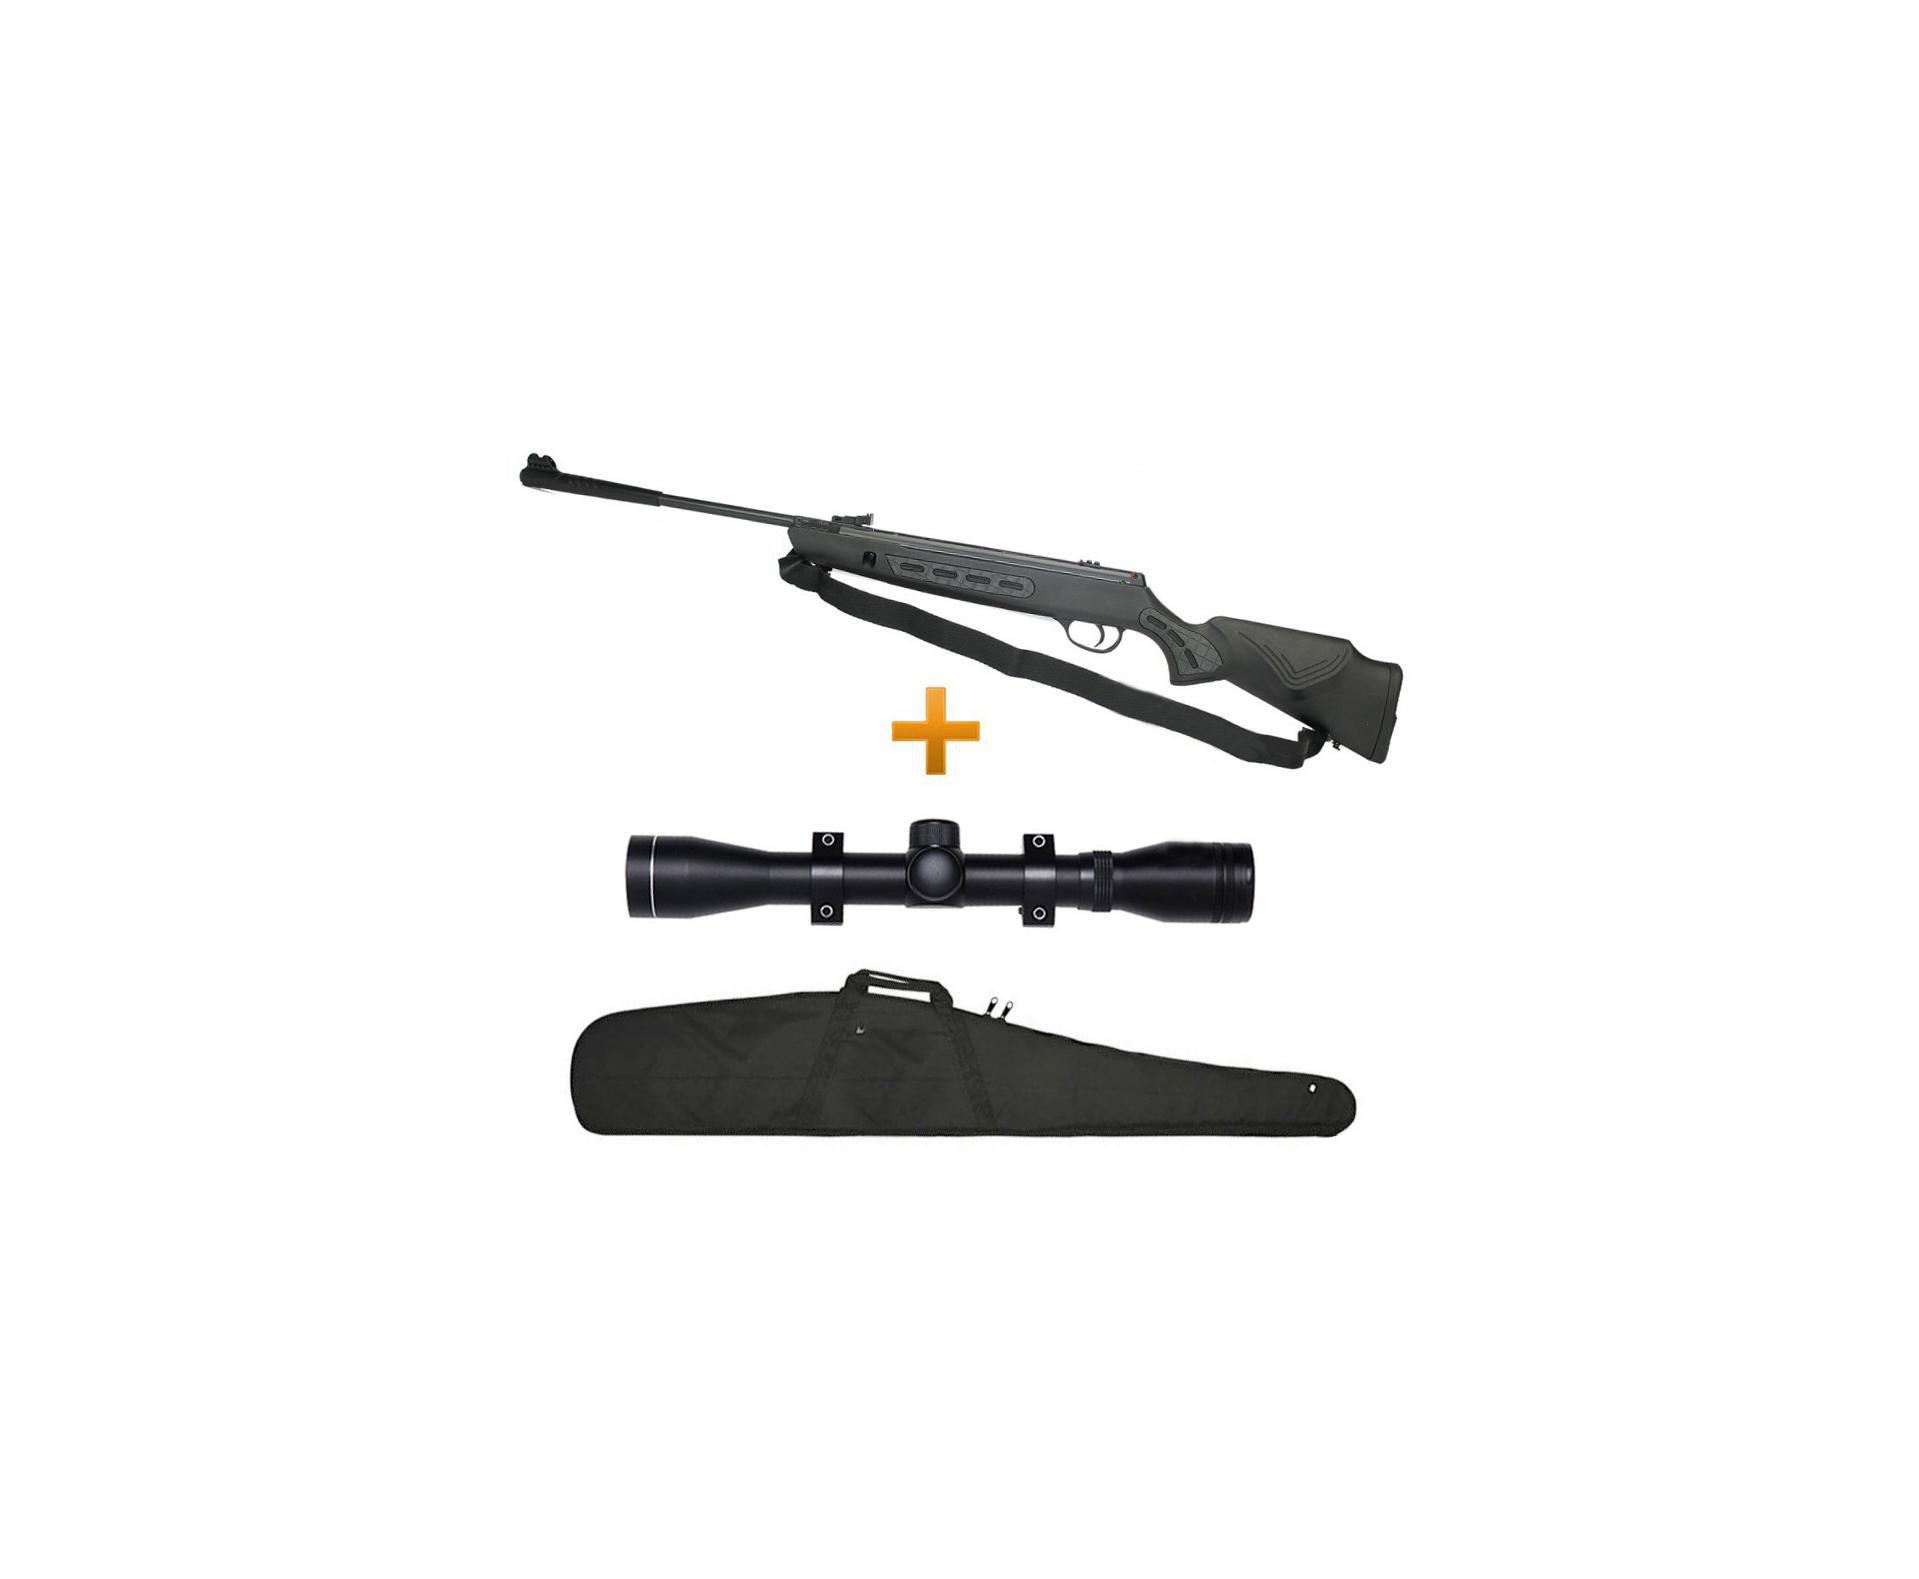 Carabina De Pressão Hatsan Striker 1000s 5,5mm + Luneta 4x32 + Capa